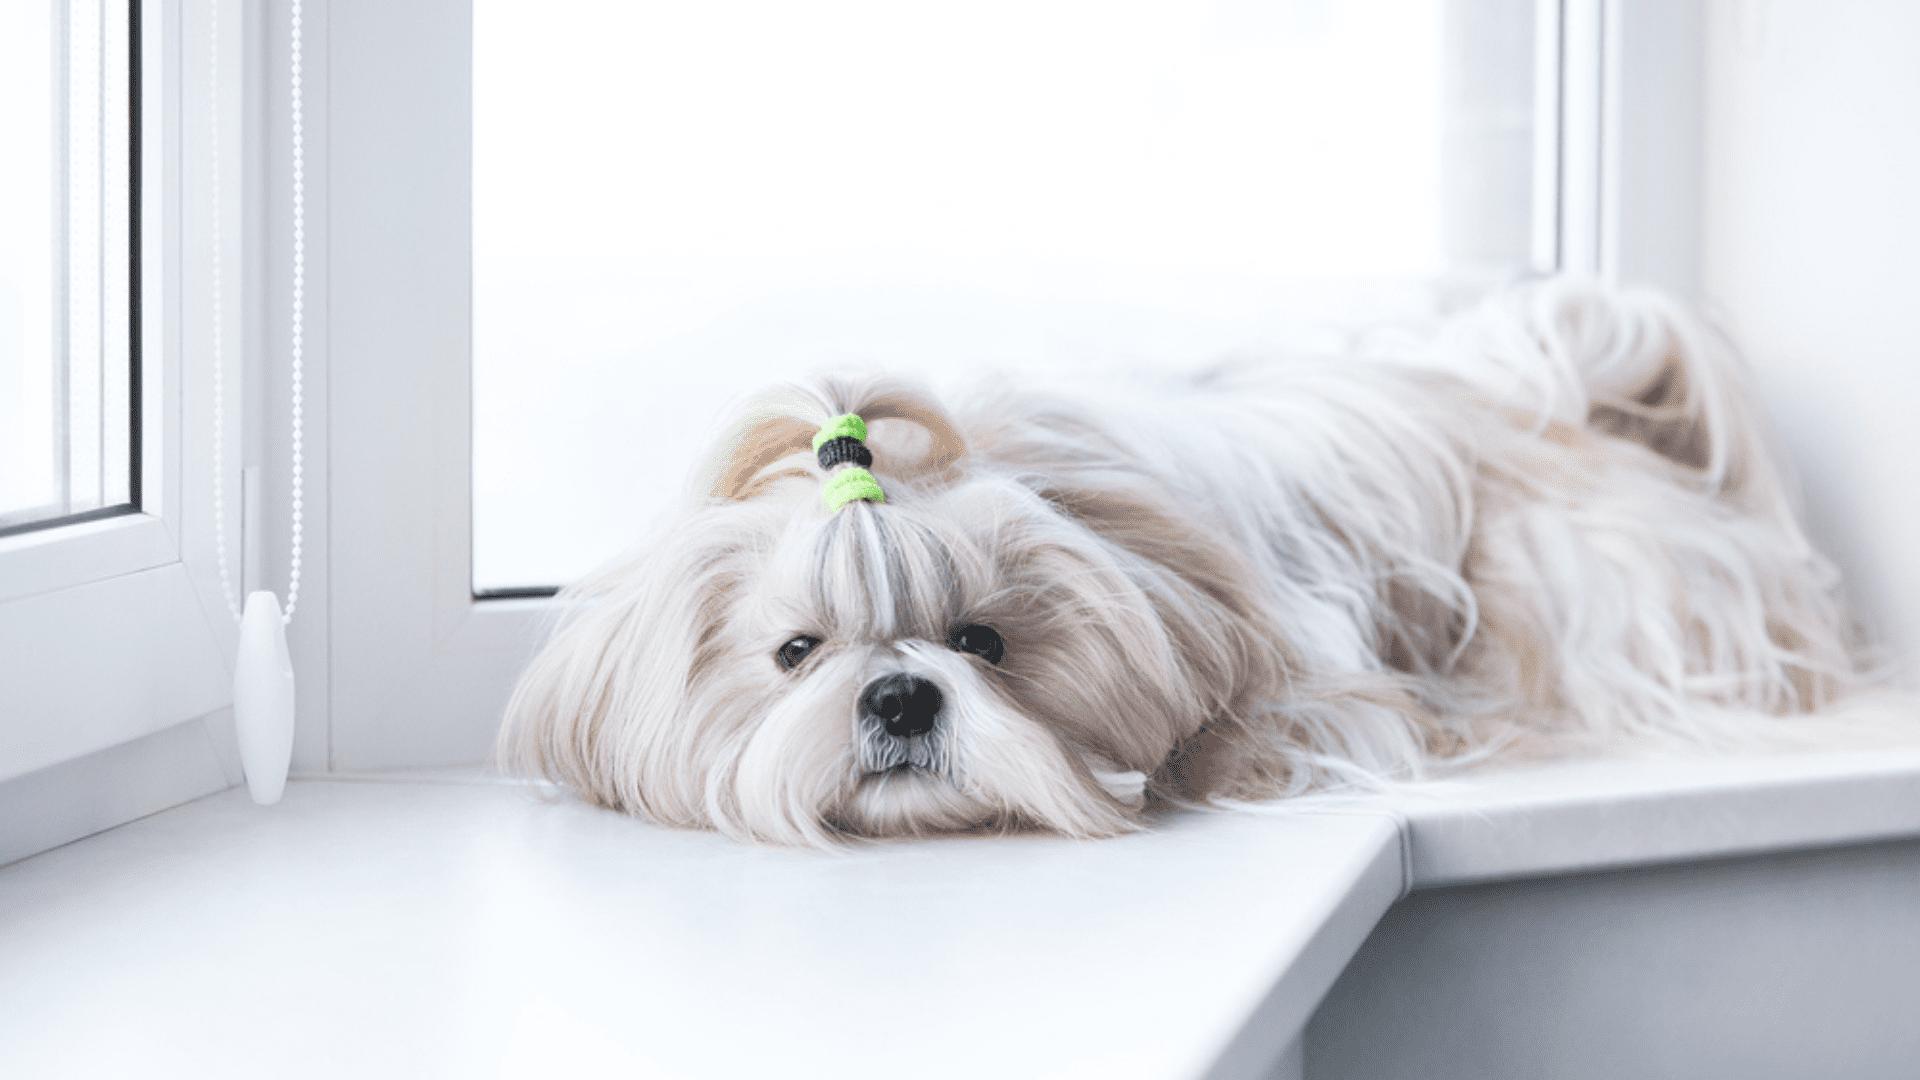 Veja 8 raças de cachorro pequeno peludo para ter em casa! (Imagem: Reprodução/Shutterstock)